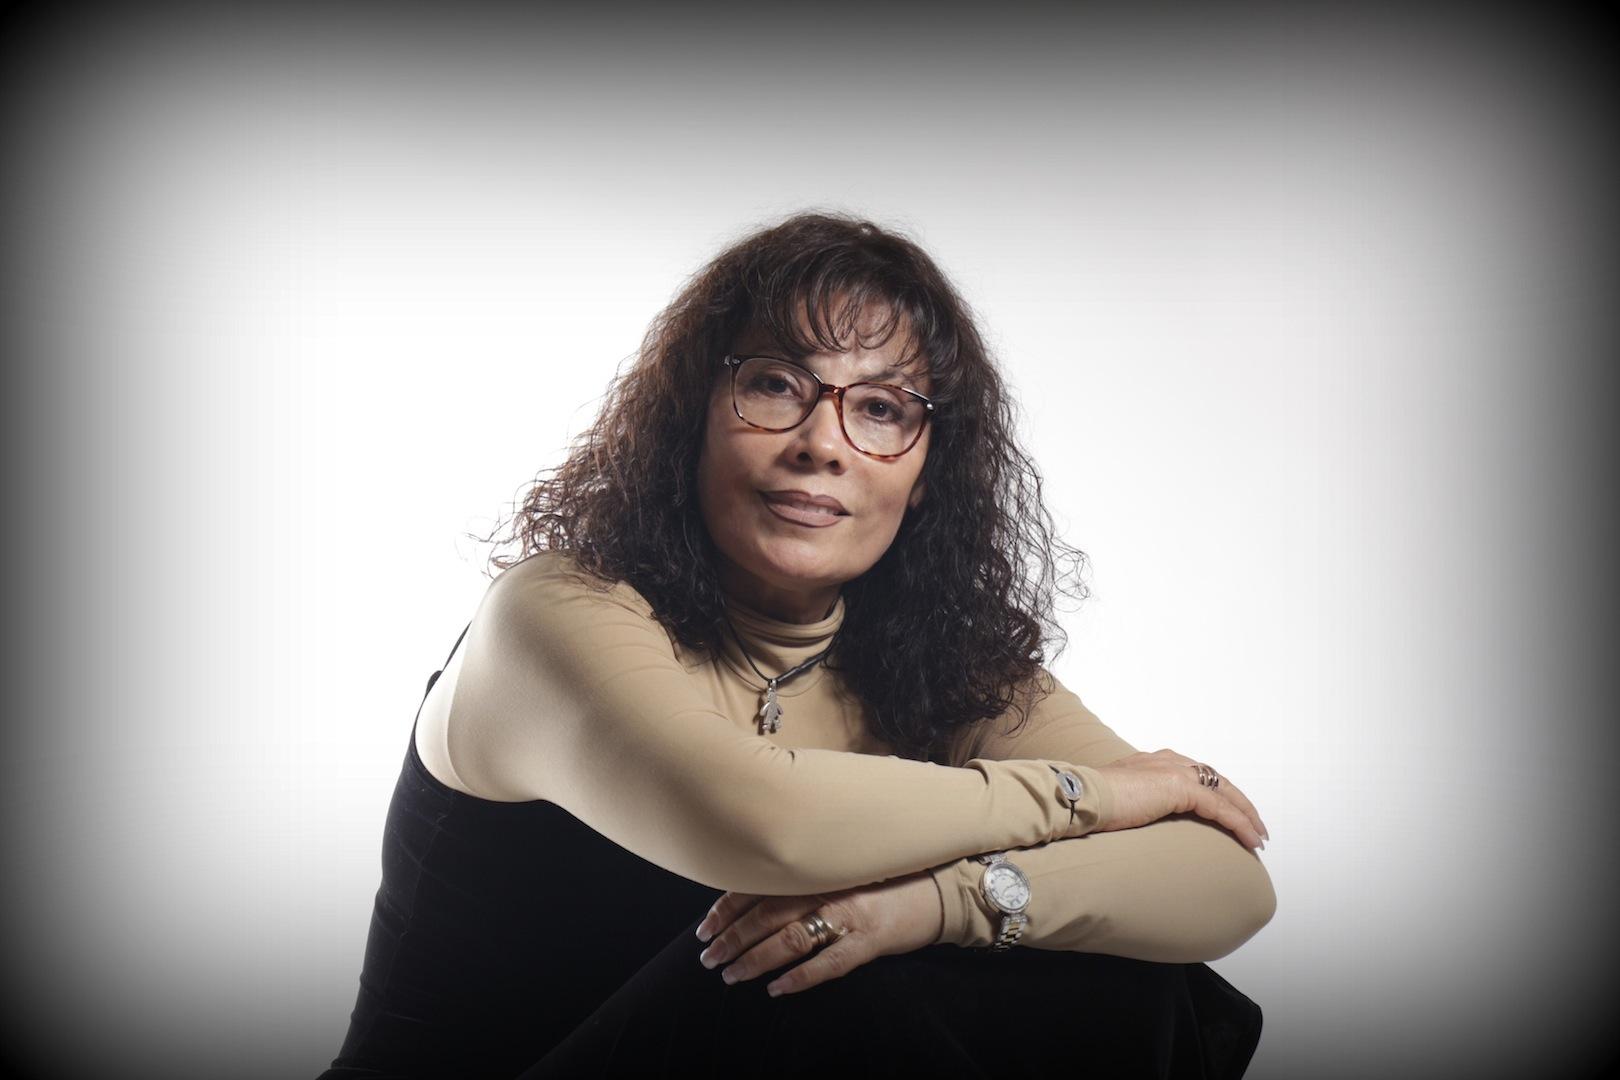 La destacada escritora y psicóloga GABRIELA TORRES DE MOROSO BUSSETTI participará en la FIL Guadalajara, presentando dos libros